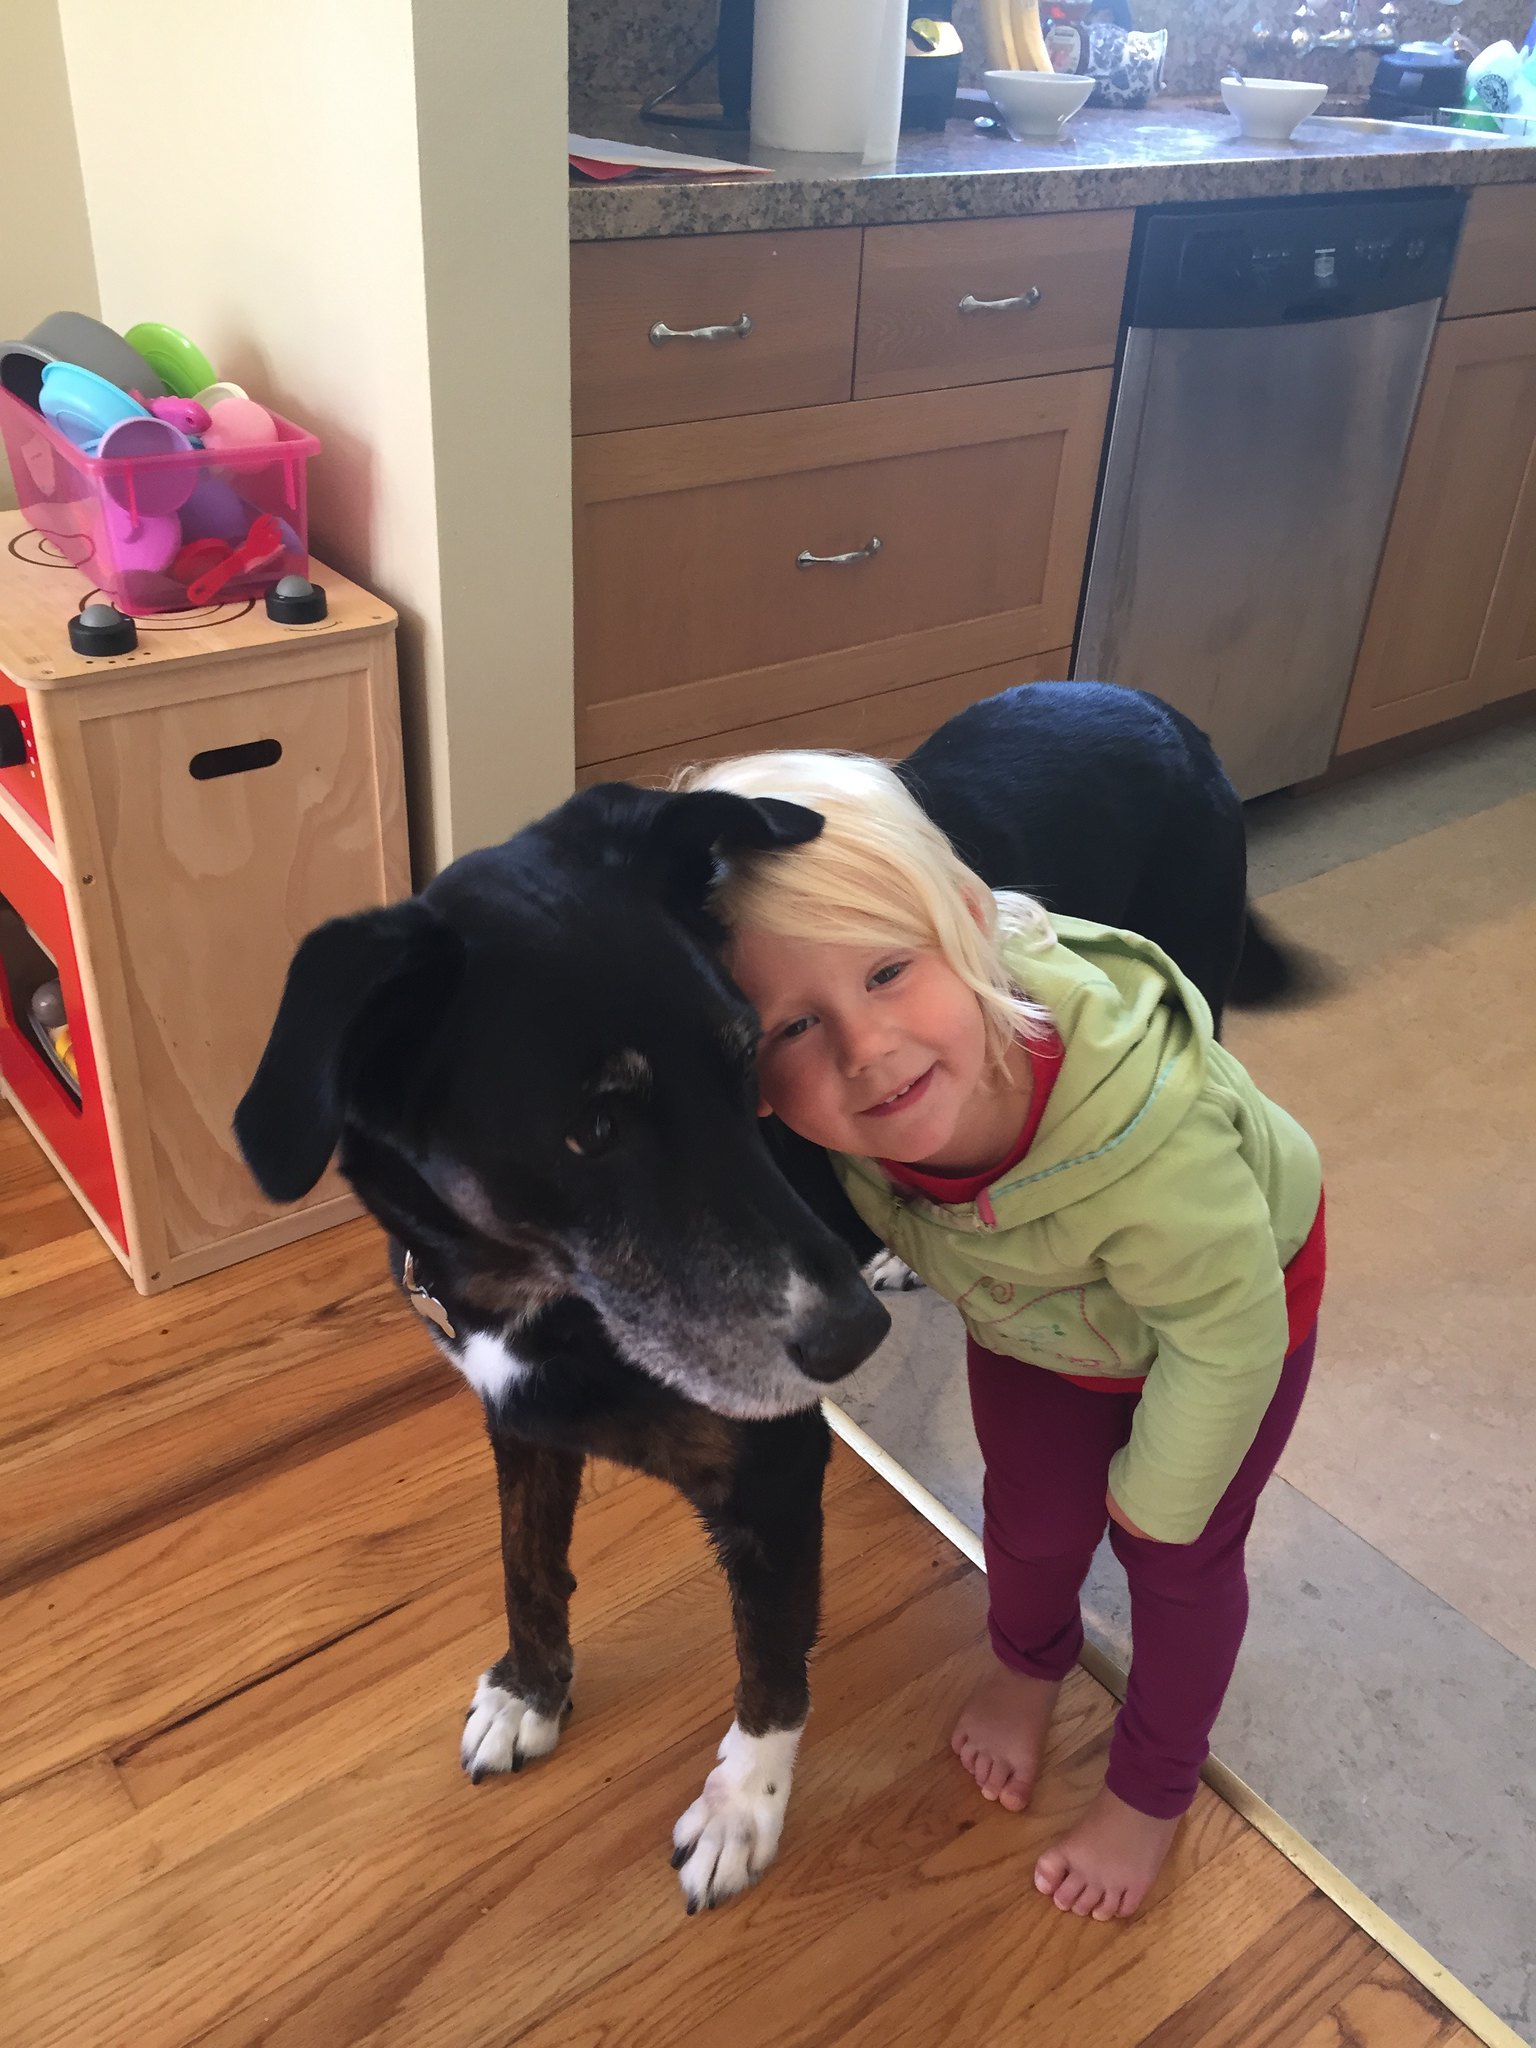 Dogs love hugs